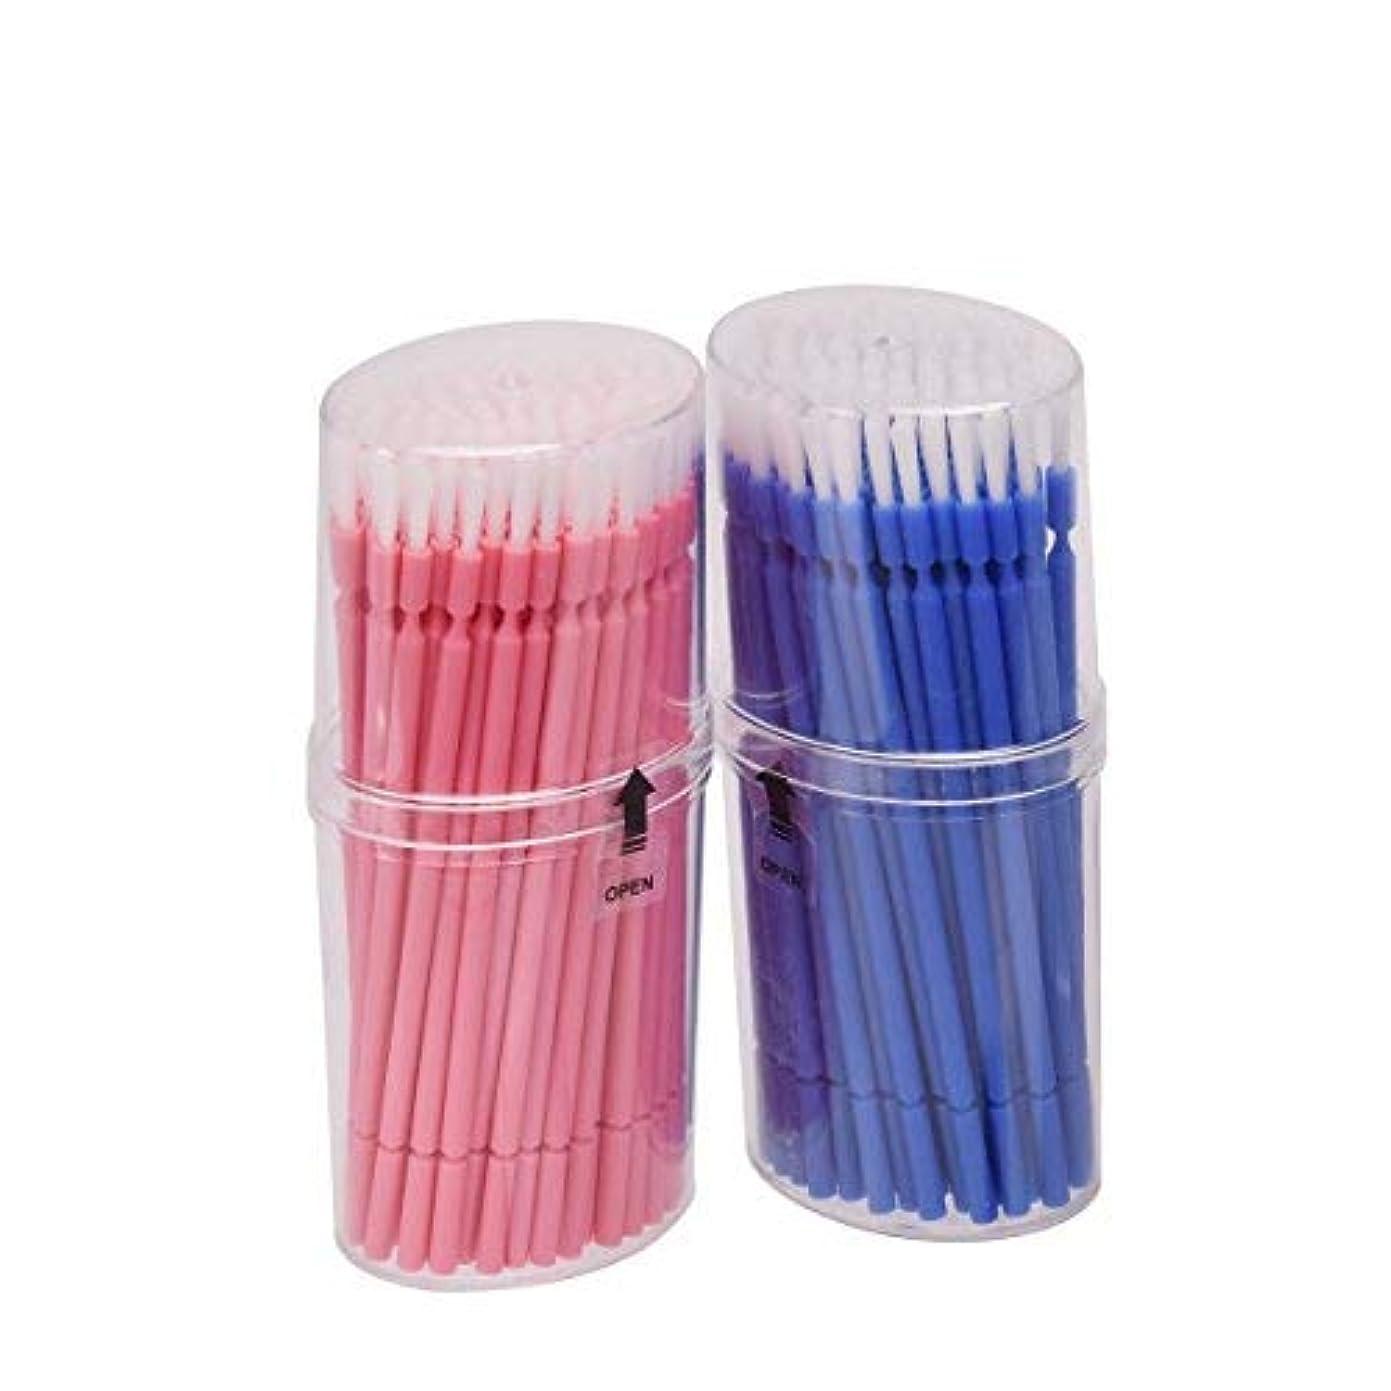 トムオードリースのスコア男性マイクブラシ 歯科ブラシ 精密機器の細部の清掃など 幅広く使える 使い捨て 4 * 100=400本入り Annhua